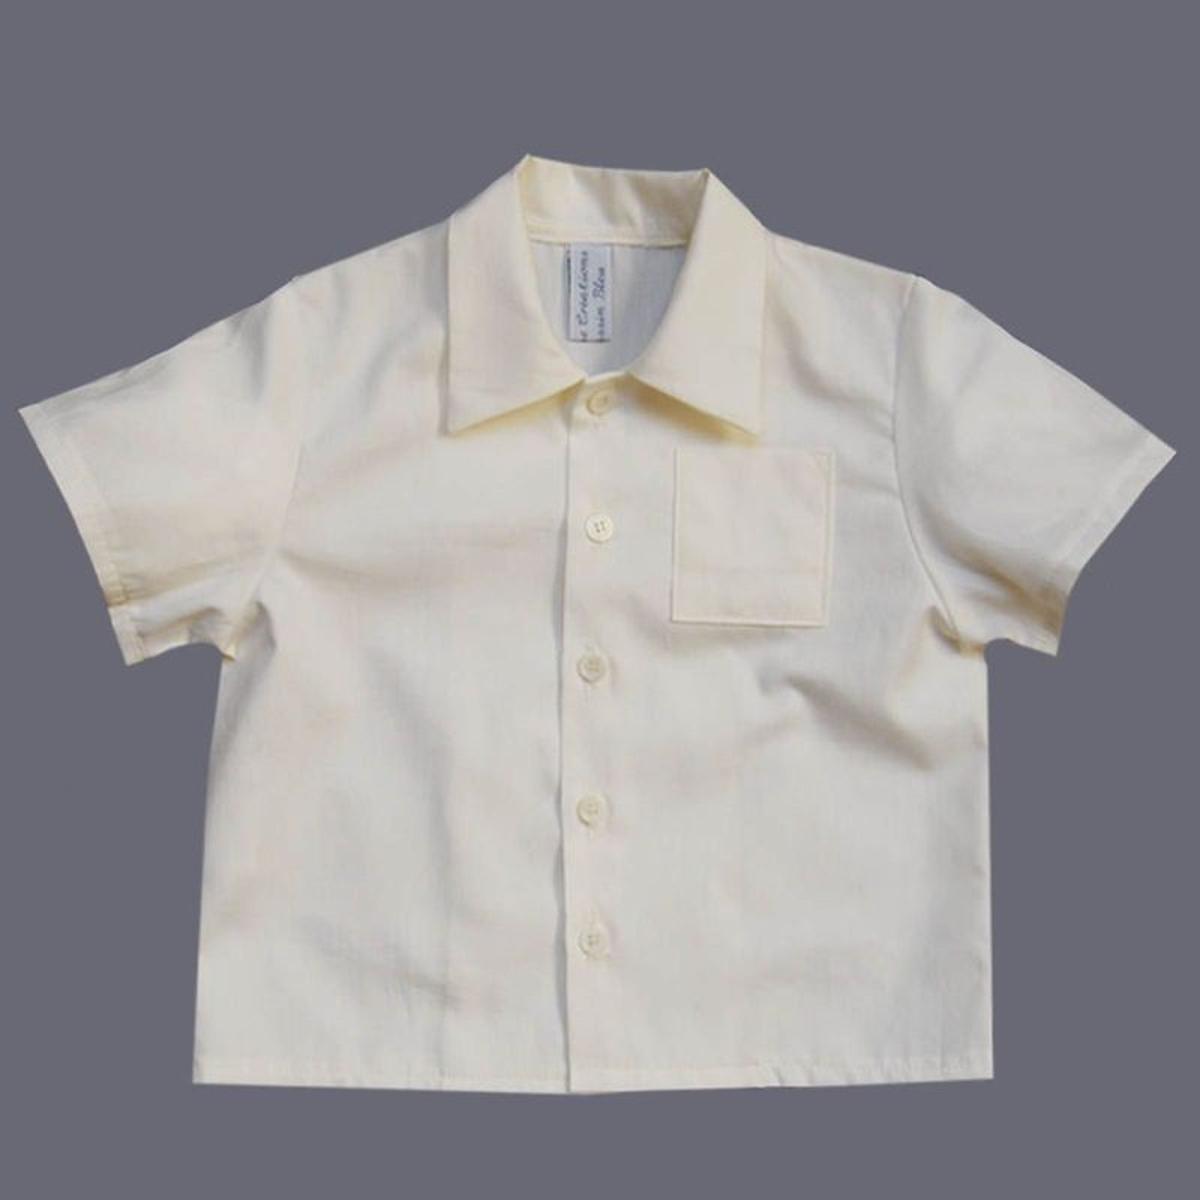 Chemise ivoire, baptême, cérémonie 0 mois-10 ans Made In France